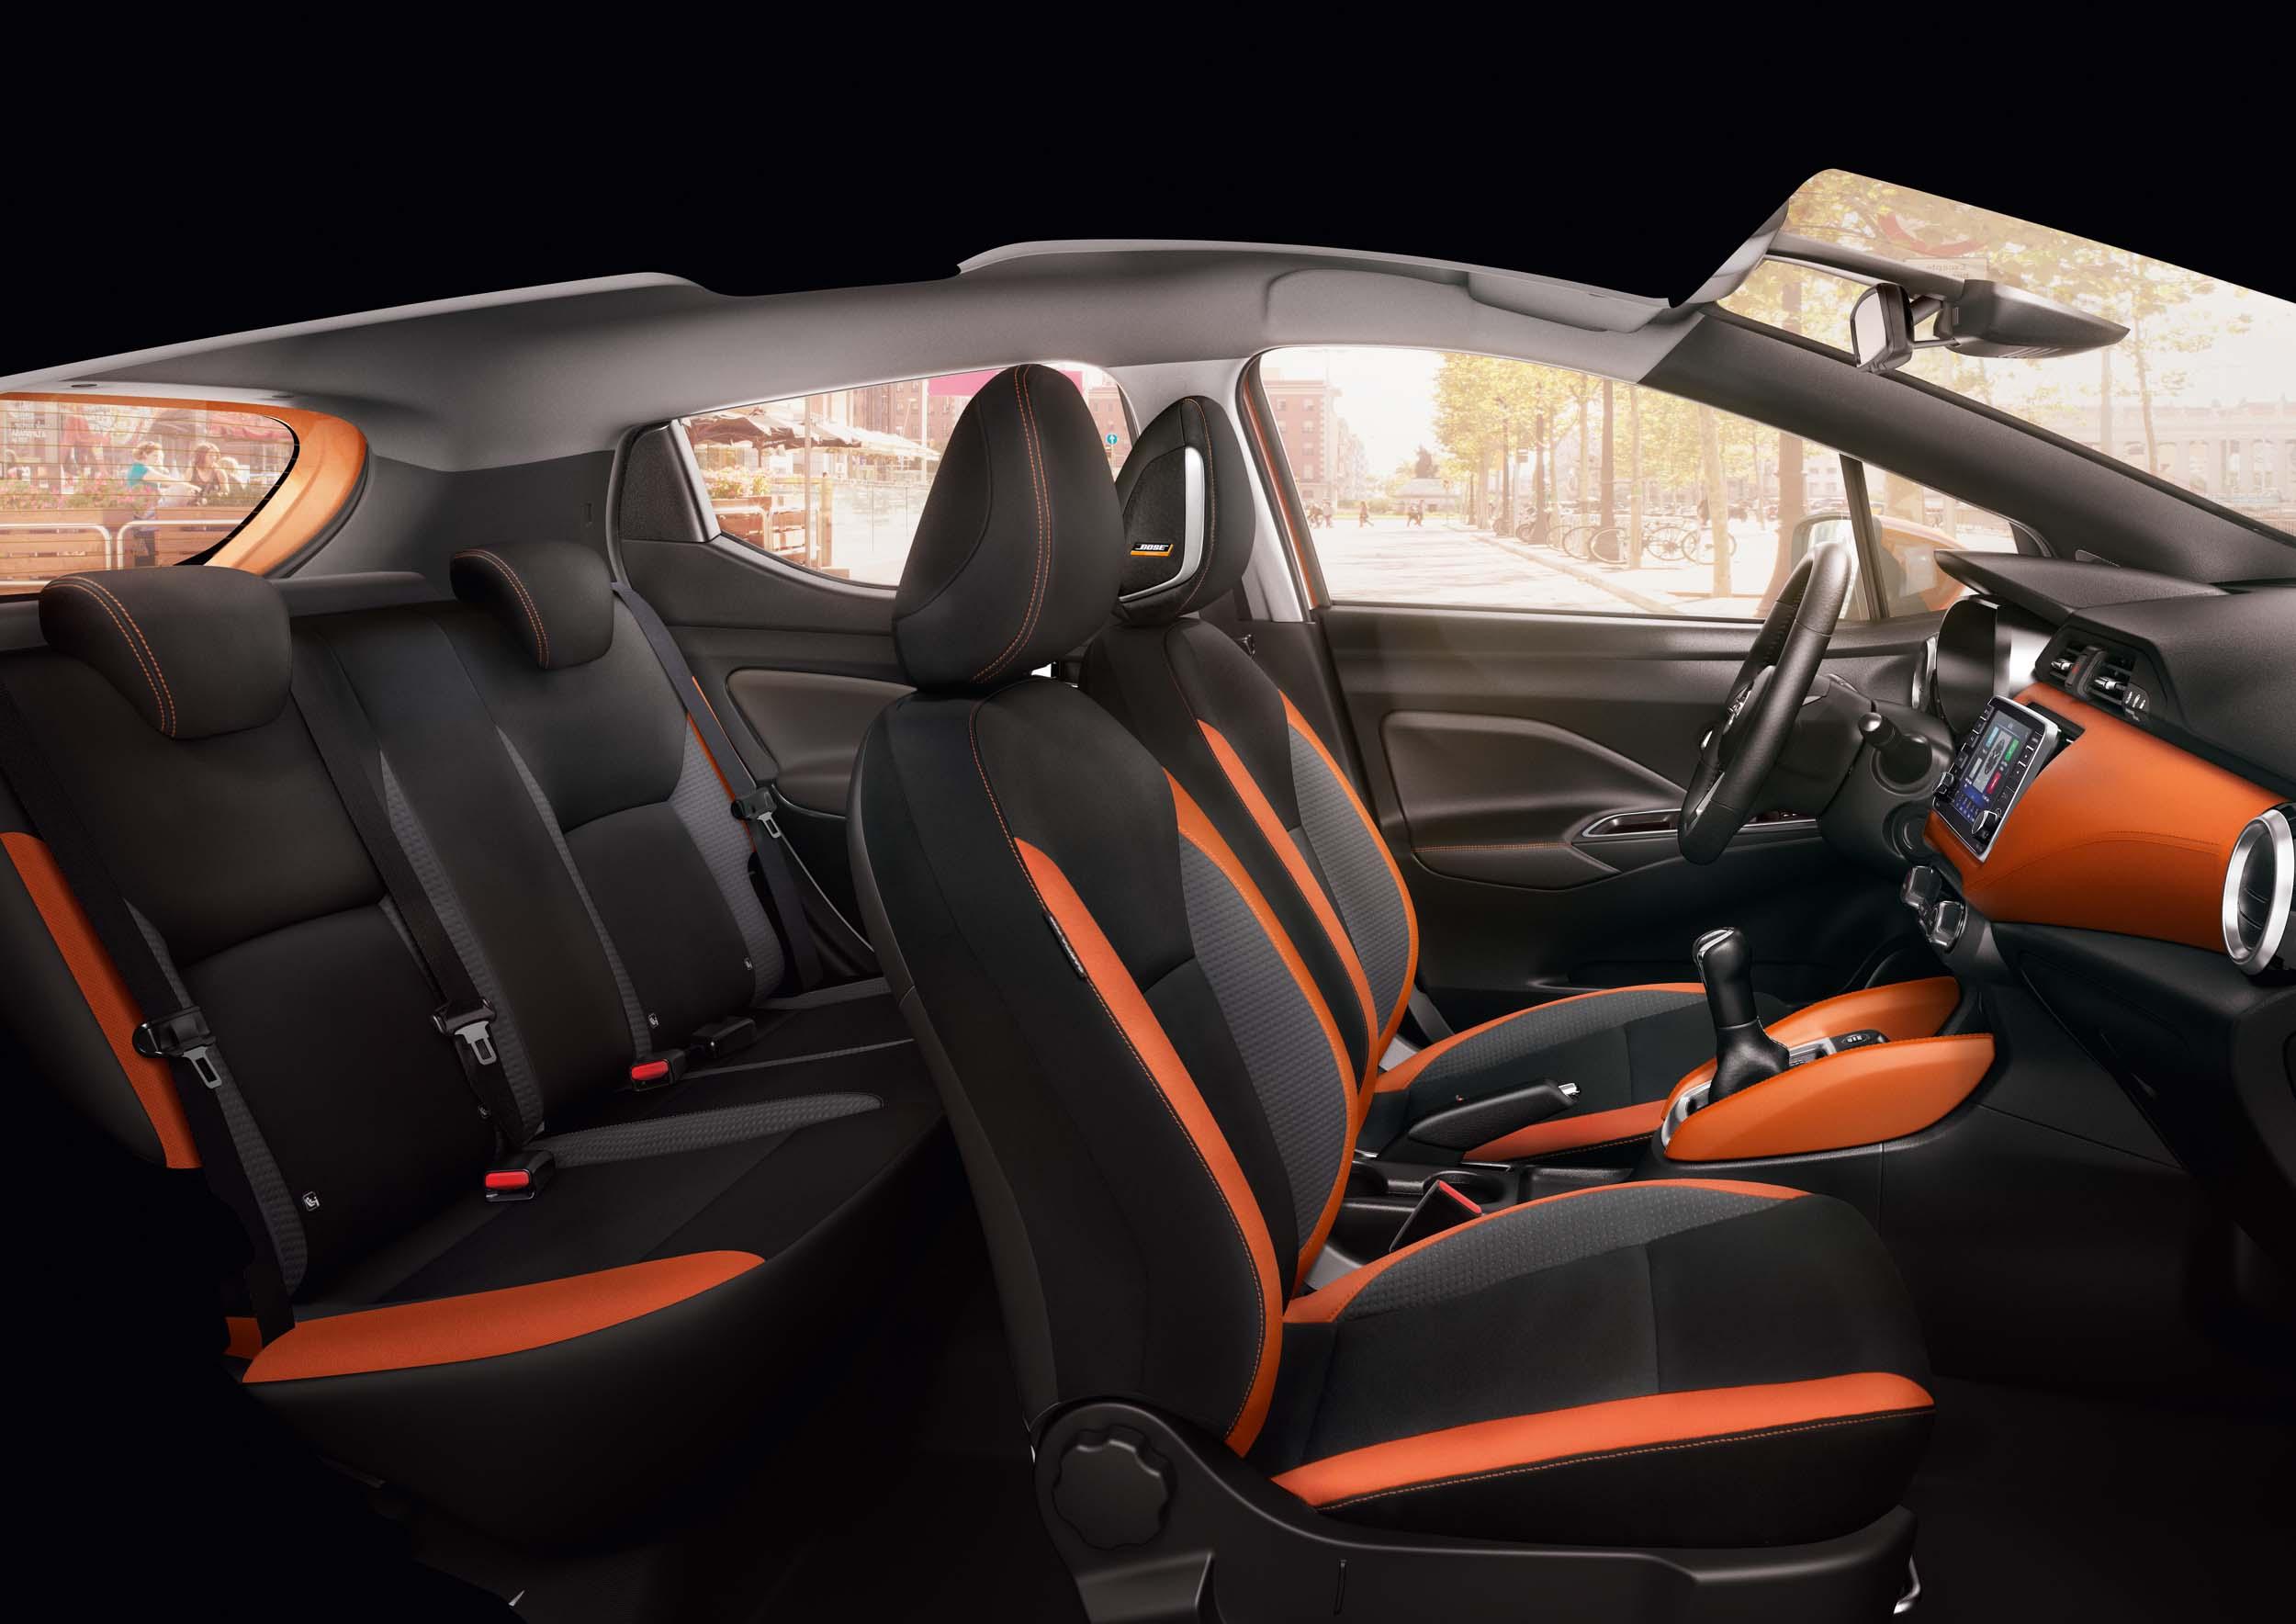 Οι νέες τιμές για το Micra,το supermini της Nissan